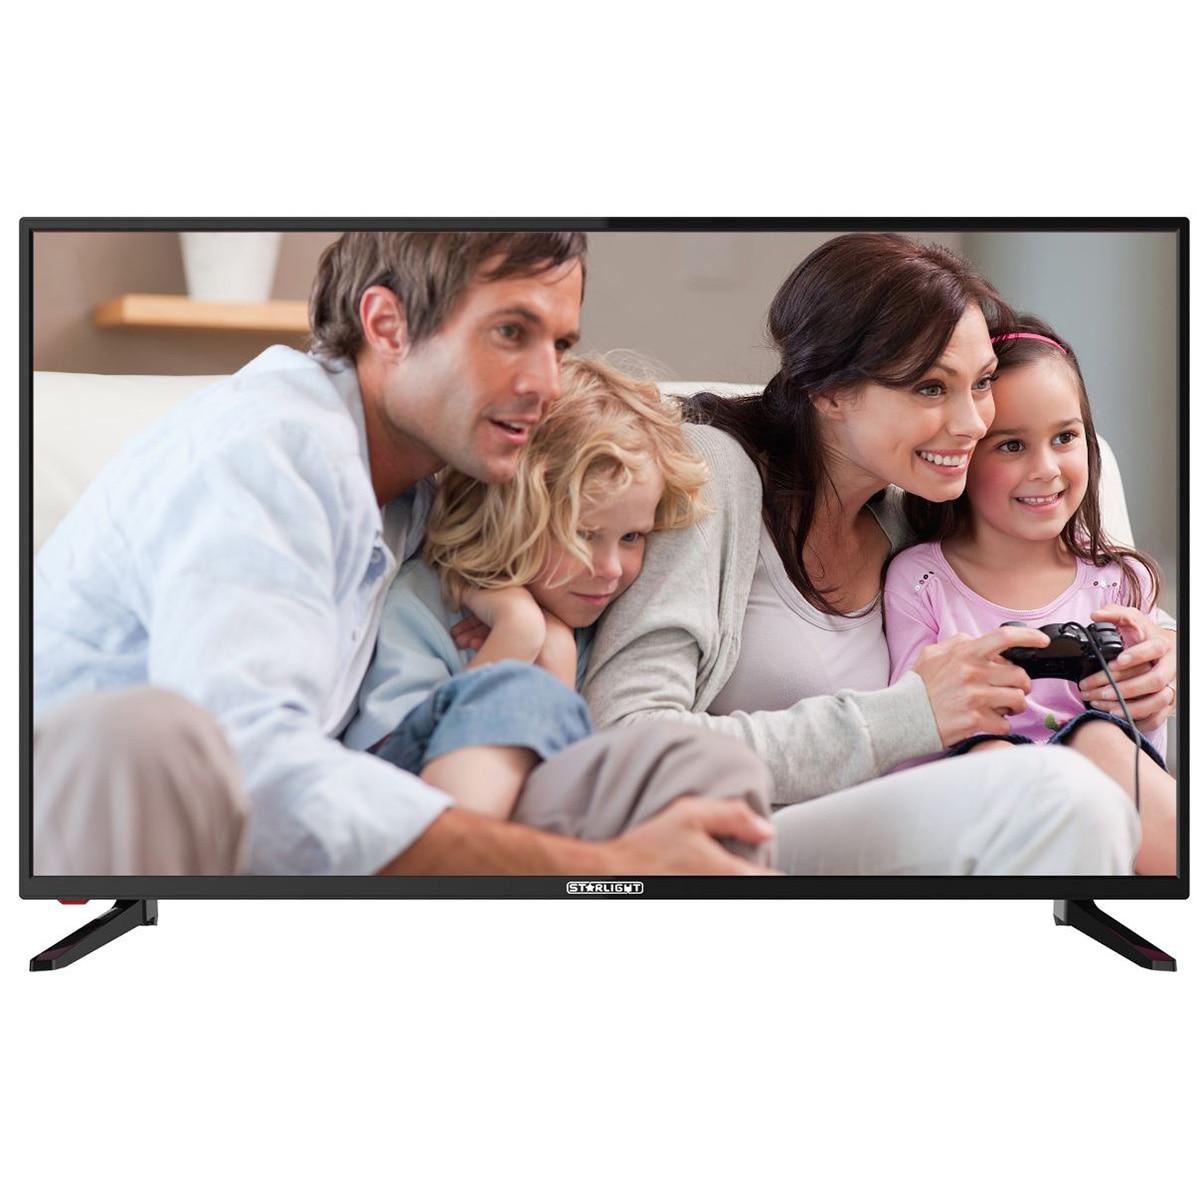 Fotografie Televizor LED Star-Light, 109 cm, 43DM5500, Full HD